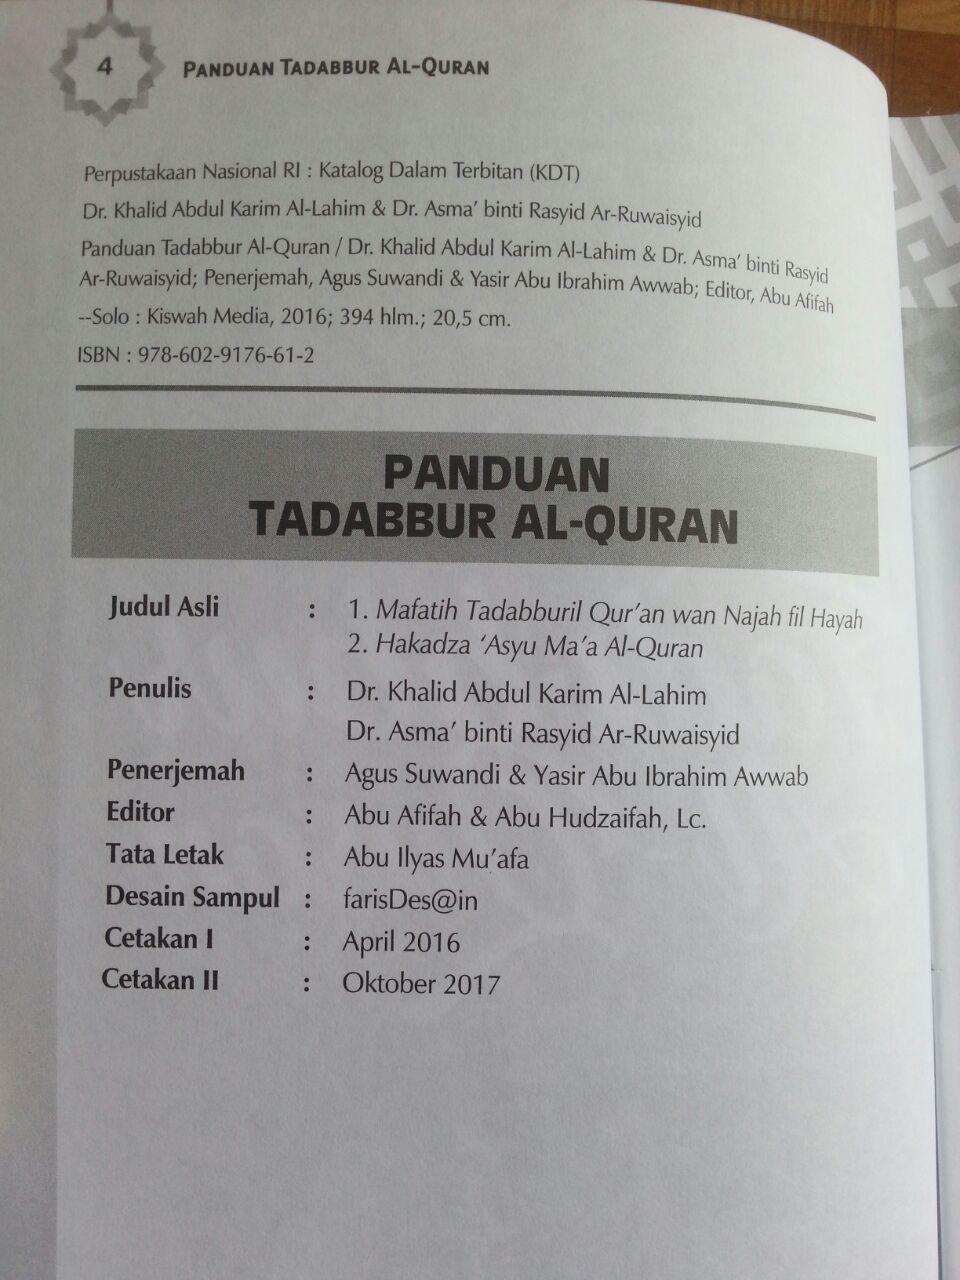 Buku Panduan Tadabbur Al-Quran isi 2